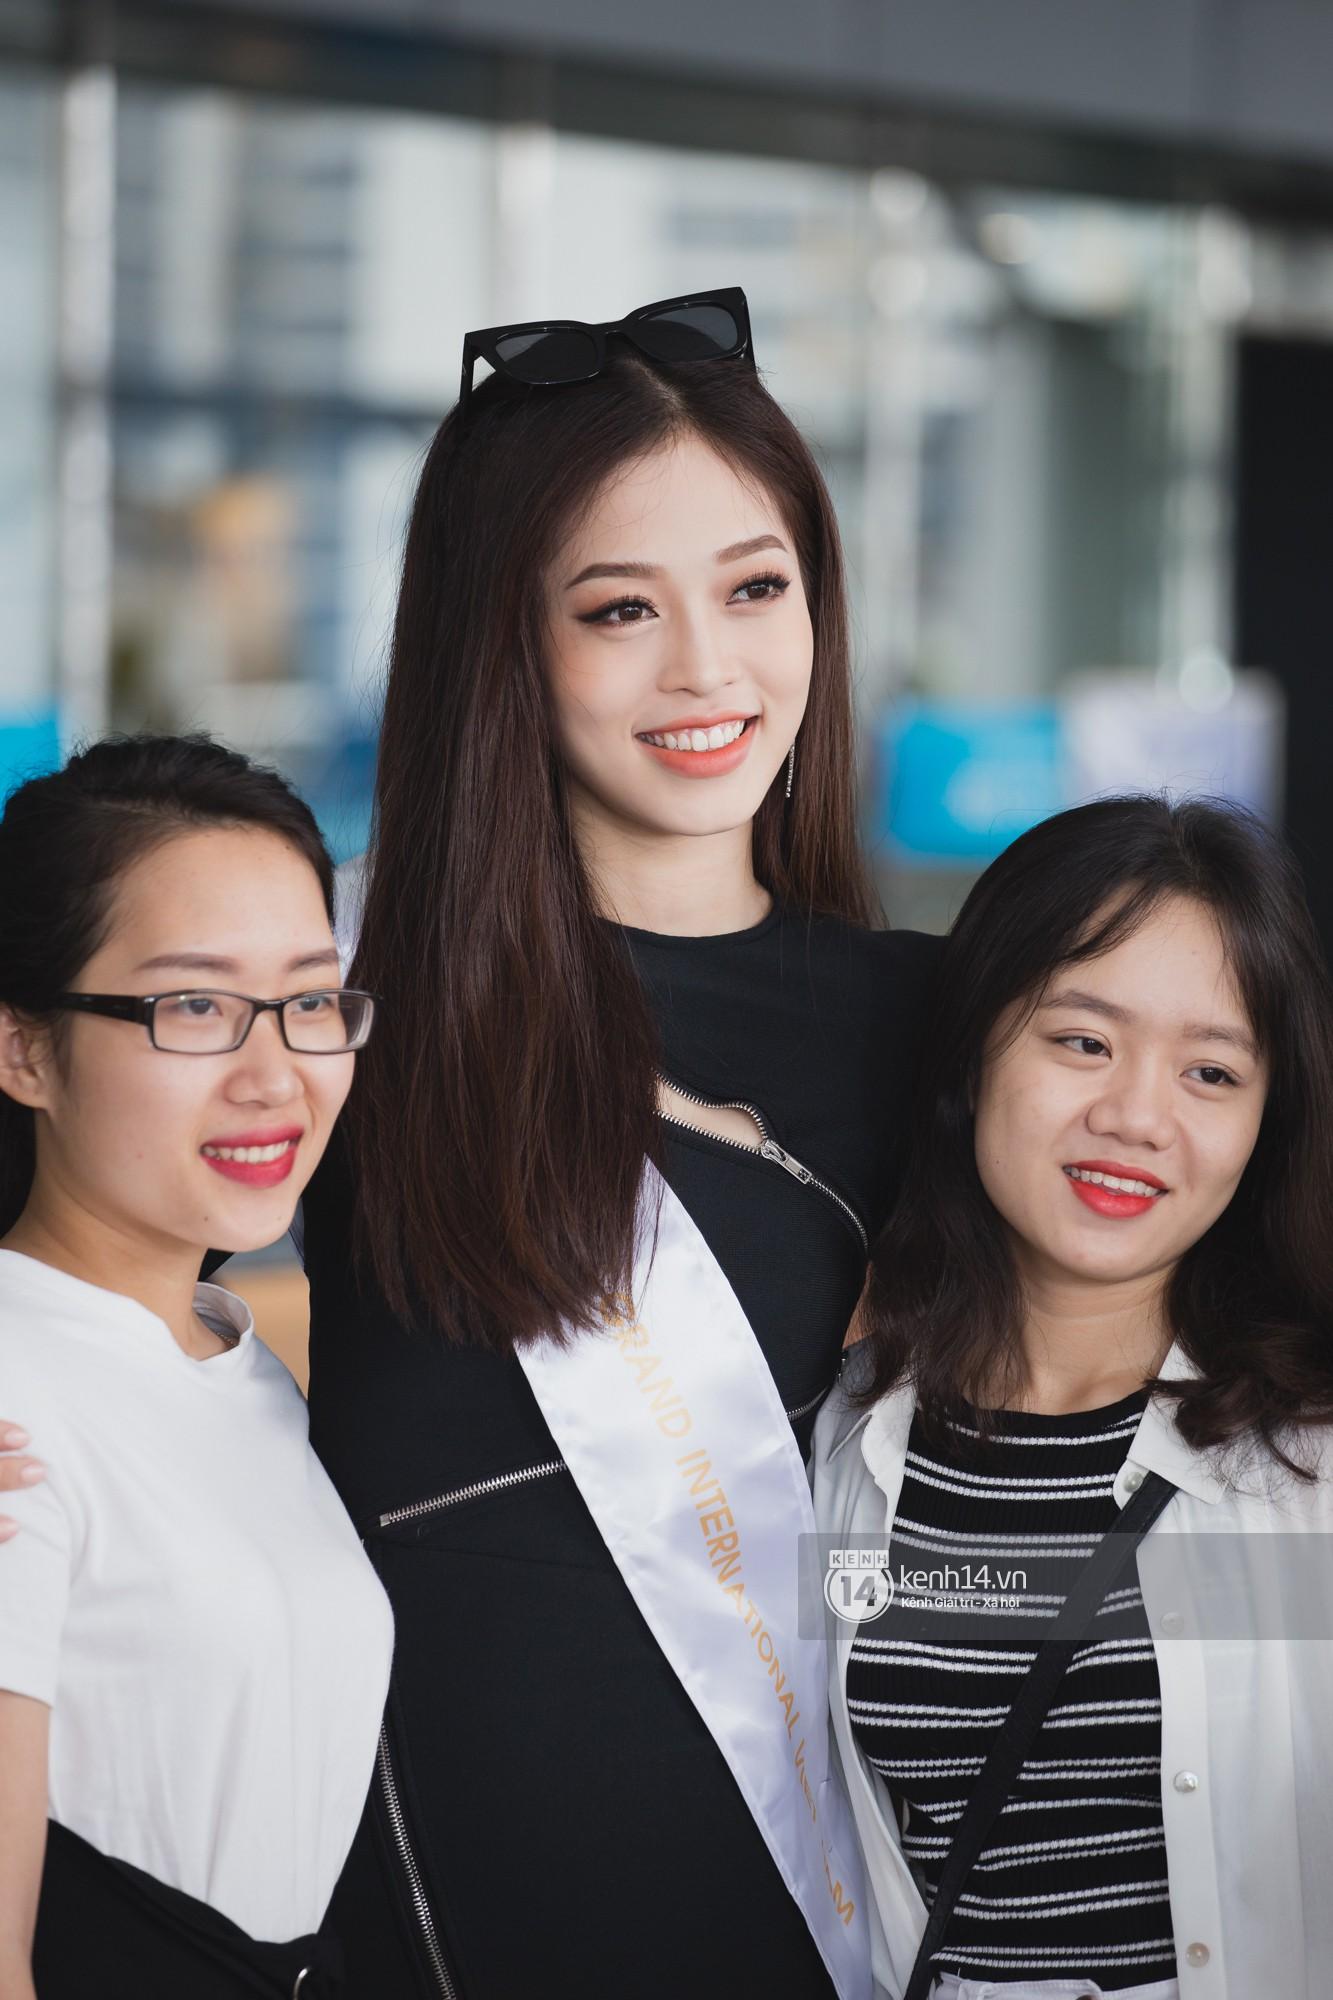 Vừa trở về từ Pháp tức thì, Trần Tiểu Vy ở lại sân bay tiễn Bùi Phương Nga đi Myanmar tham dự Hoa hậu Hoà bình Quốc tế - Ảnh 14.